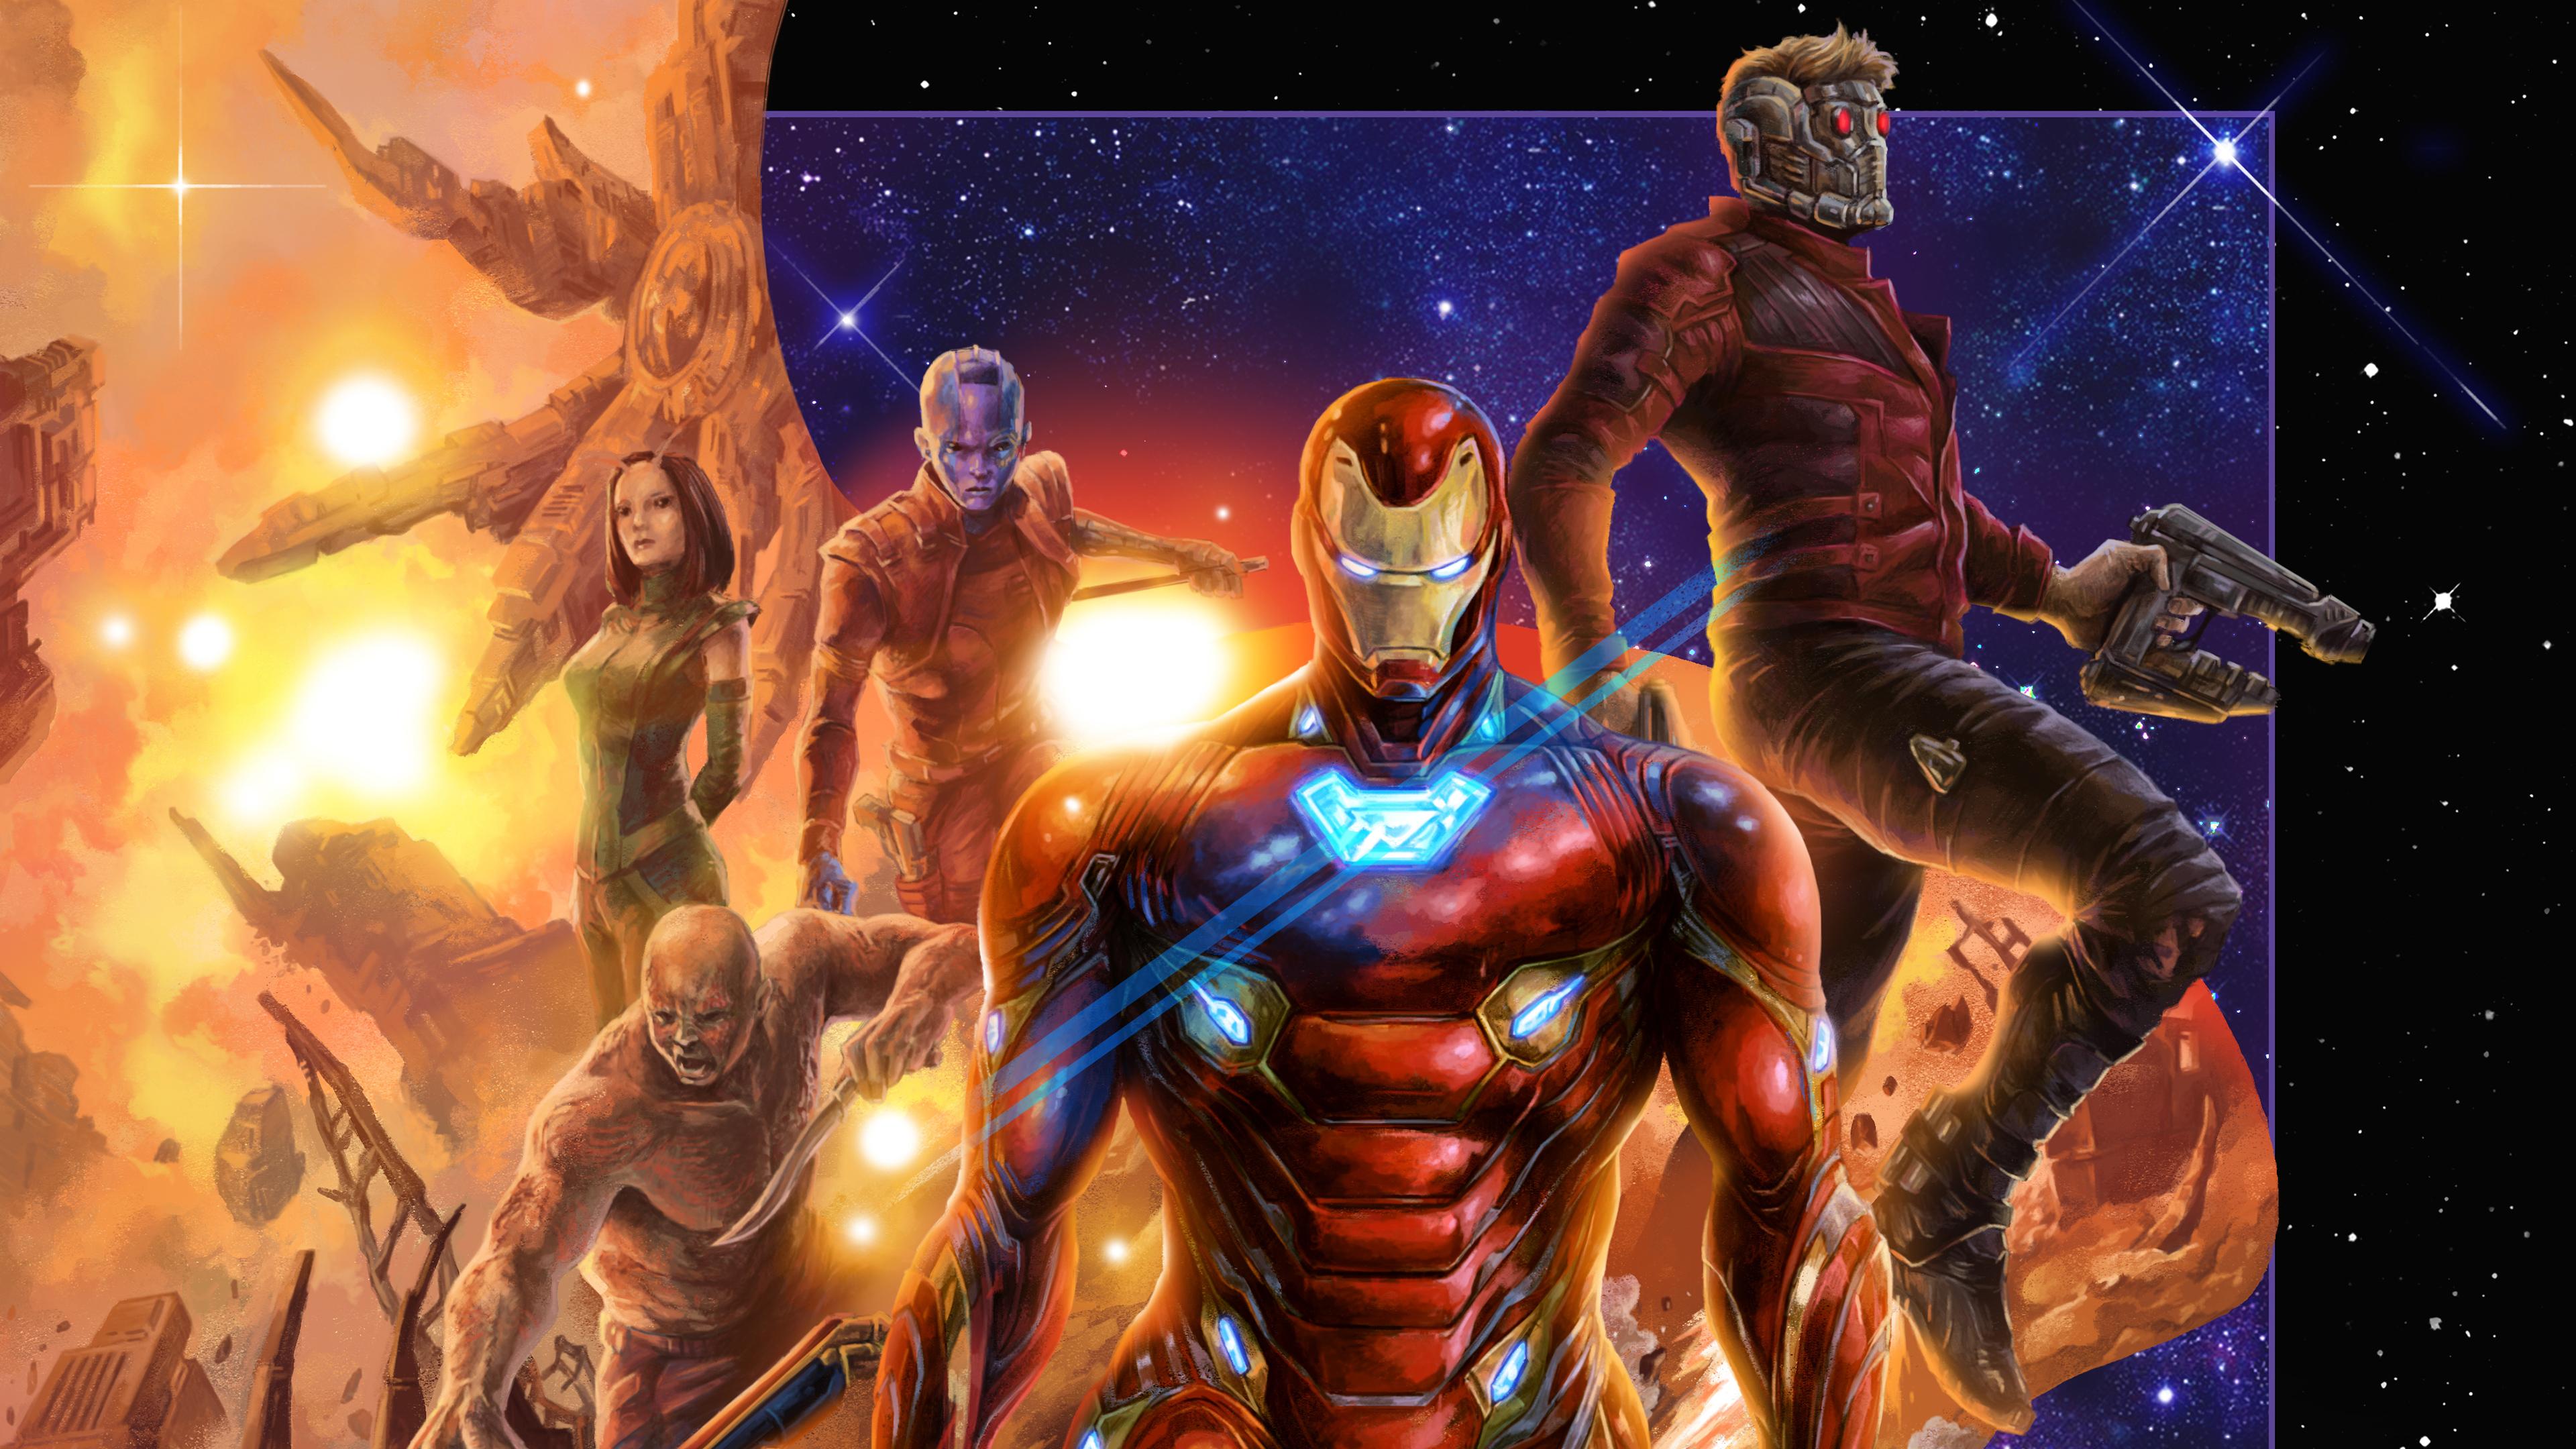 avengers infinity war 4k artworks 1554244762 - Avengers Infinity War 4k Artworks - superheroes wallpapers, star lord wallpapers, iron man wallpapers, hd-wallpapers, digital art wallpapers, behance wallpapers, avengers-infinity-war-wallpapers, artwork wallpapers, 4k-wallpapers